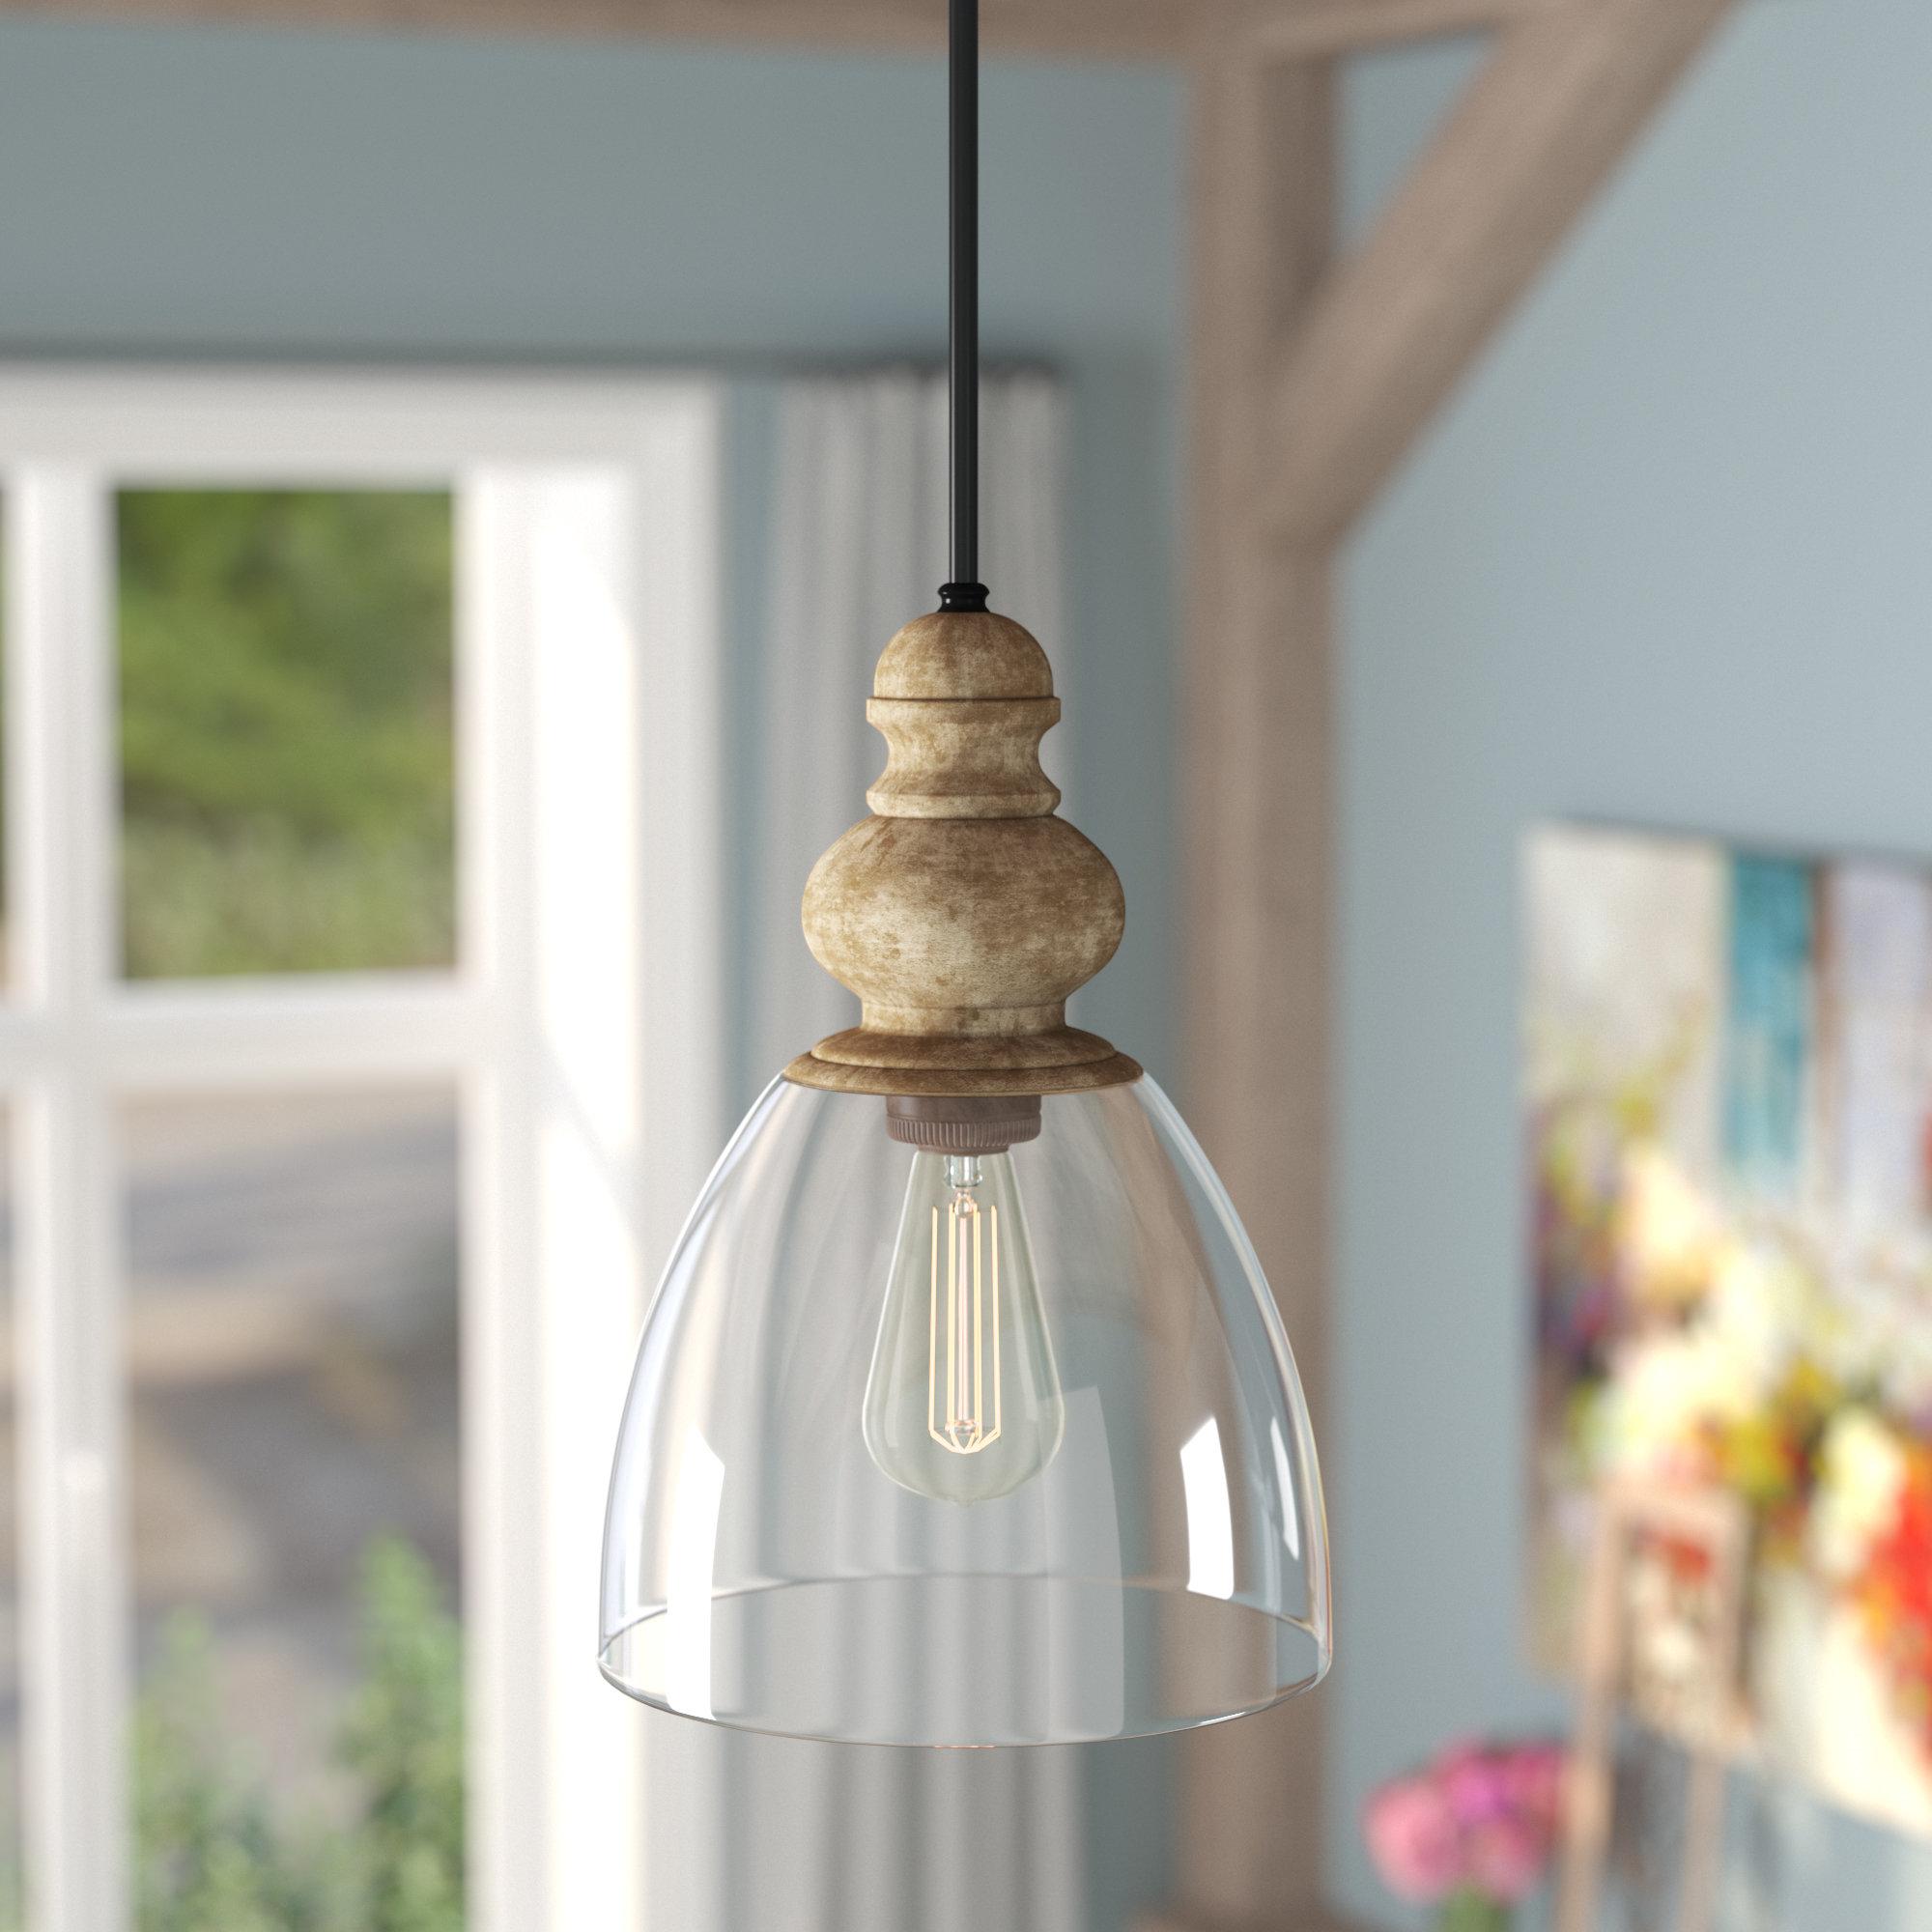 Laurel Foundry Modern Farmhouse Lemelle 1 Light Single Bell Throughout Akakios 1 Light Single Bell Pendants (Image 17 of 30)